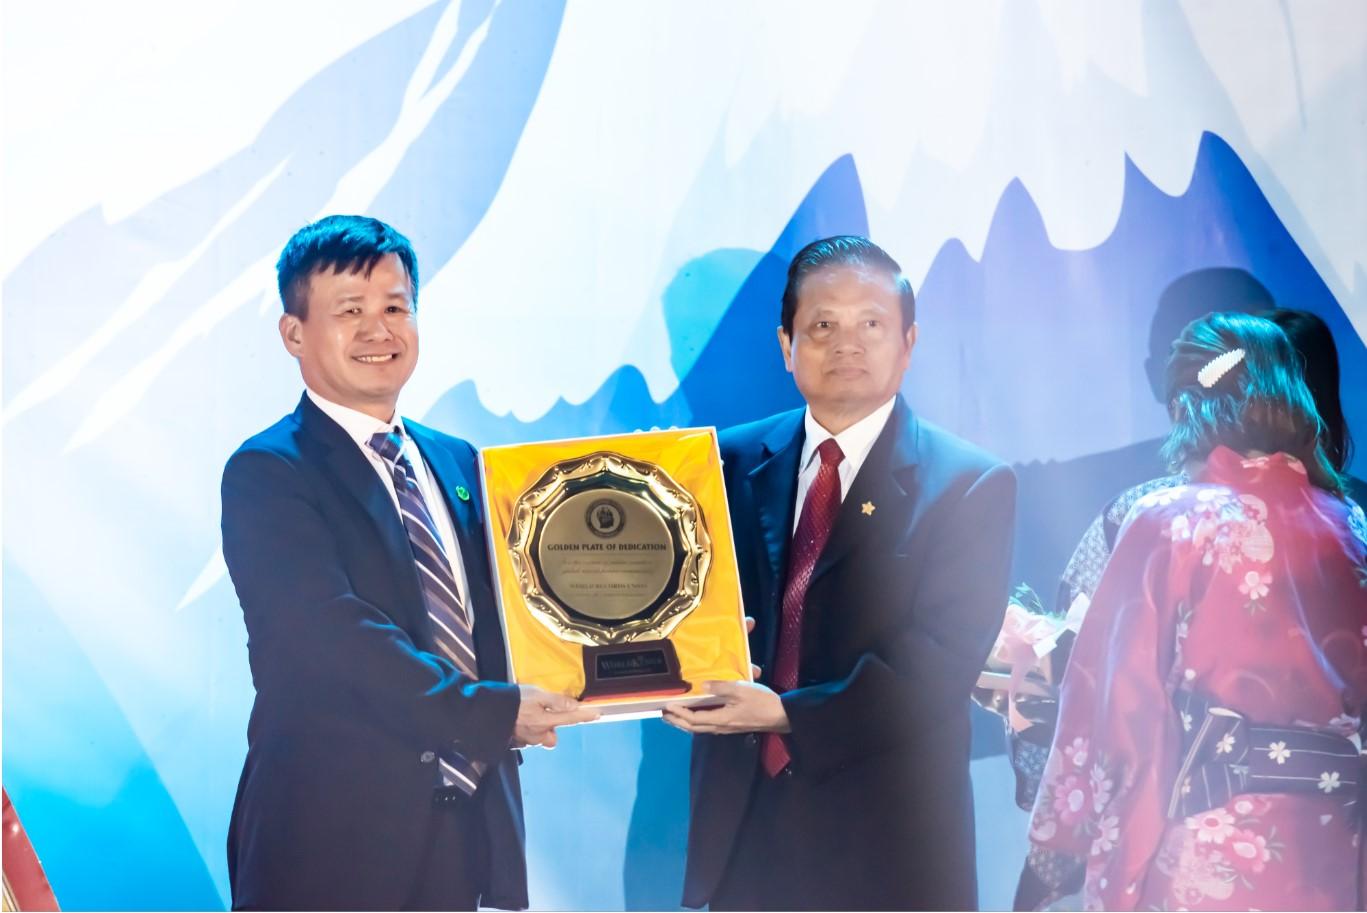 Doanh nhân Phạm Hồng Điệp nhận đãi vàng sáng tạo của Liên đoàn các nhà sáng tạo Thế giới và chính thức trở thành 1 trong những người Việt Nam đầu tiên là thành viên của Liên đoàn